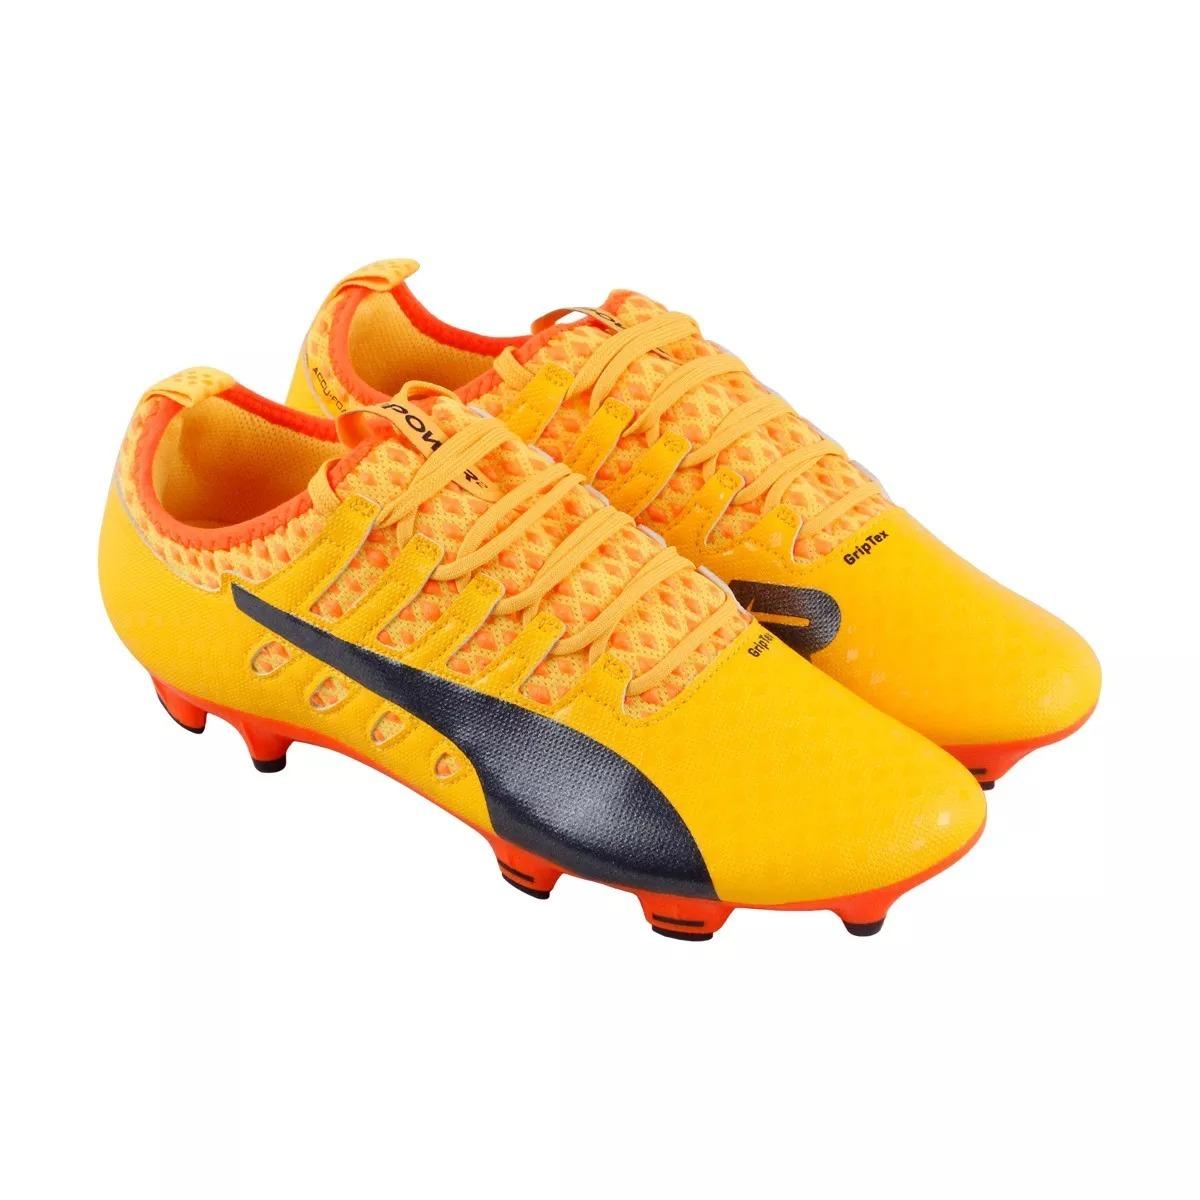 65017ec49950a zapatos puma de futbol evopower vigor 2 fg no. 10395404. Cargando zoom.